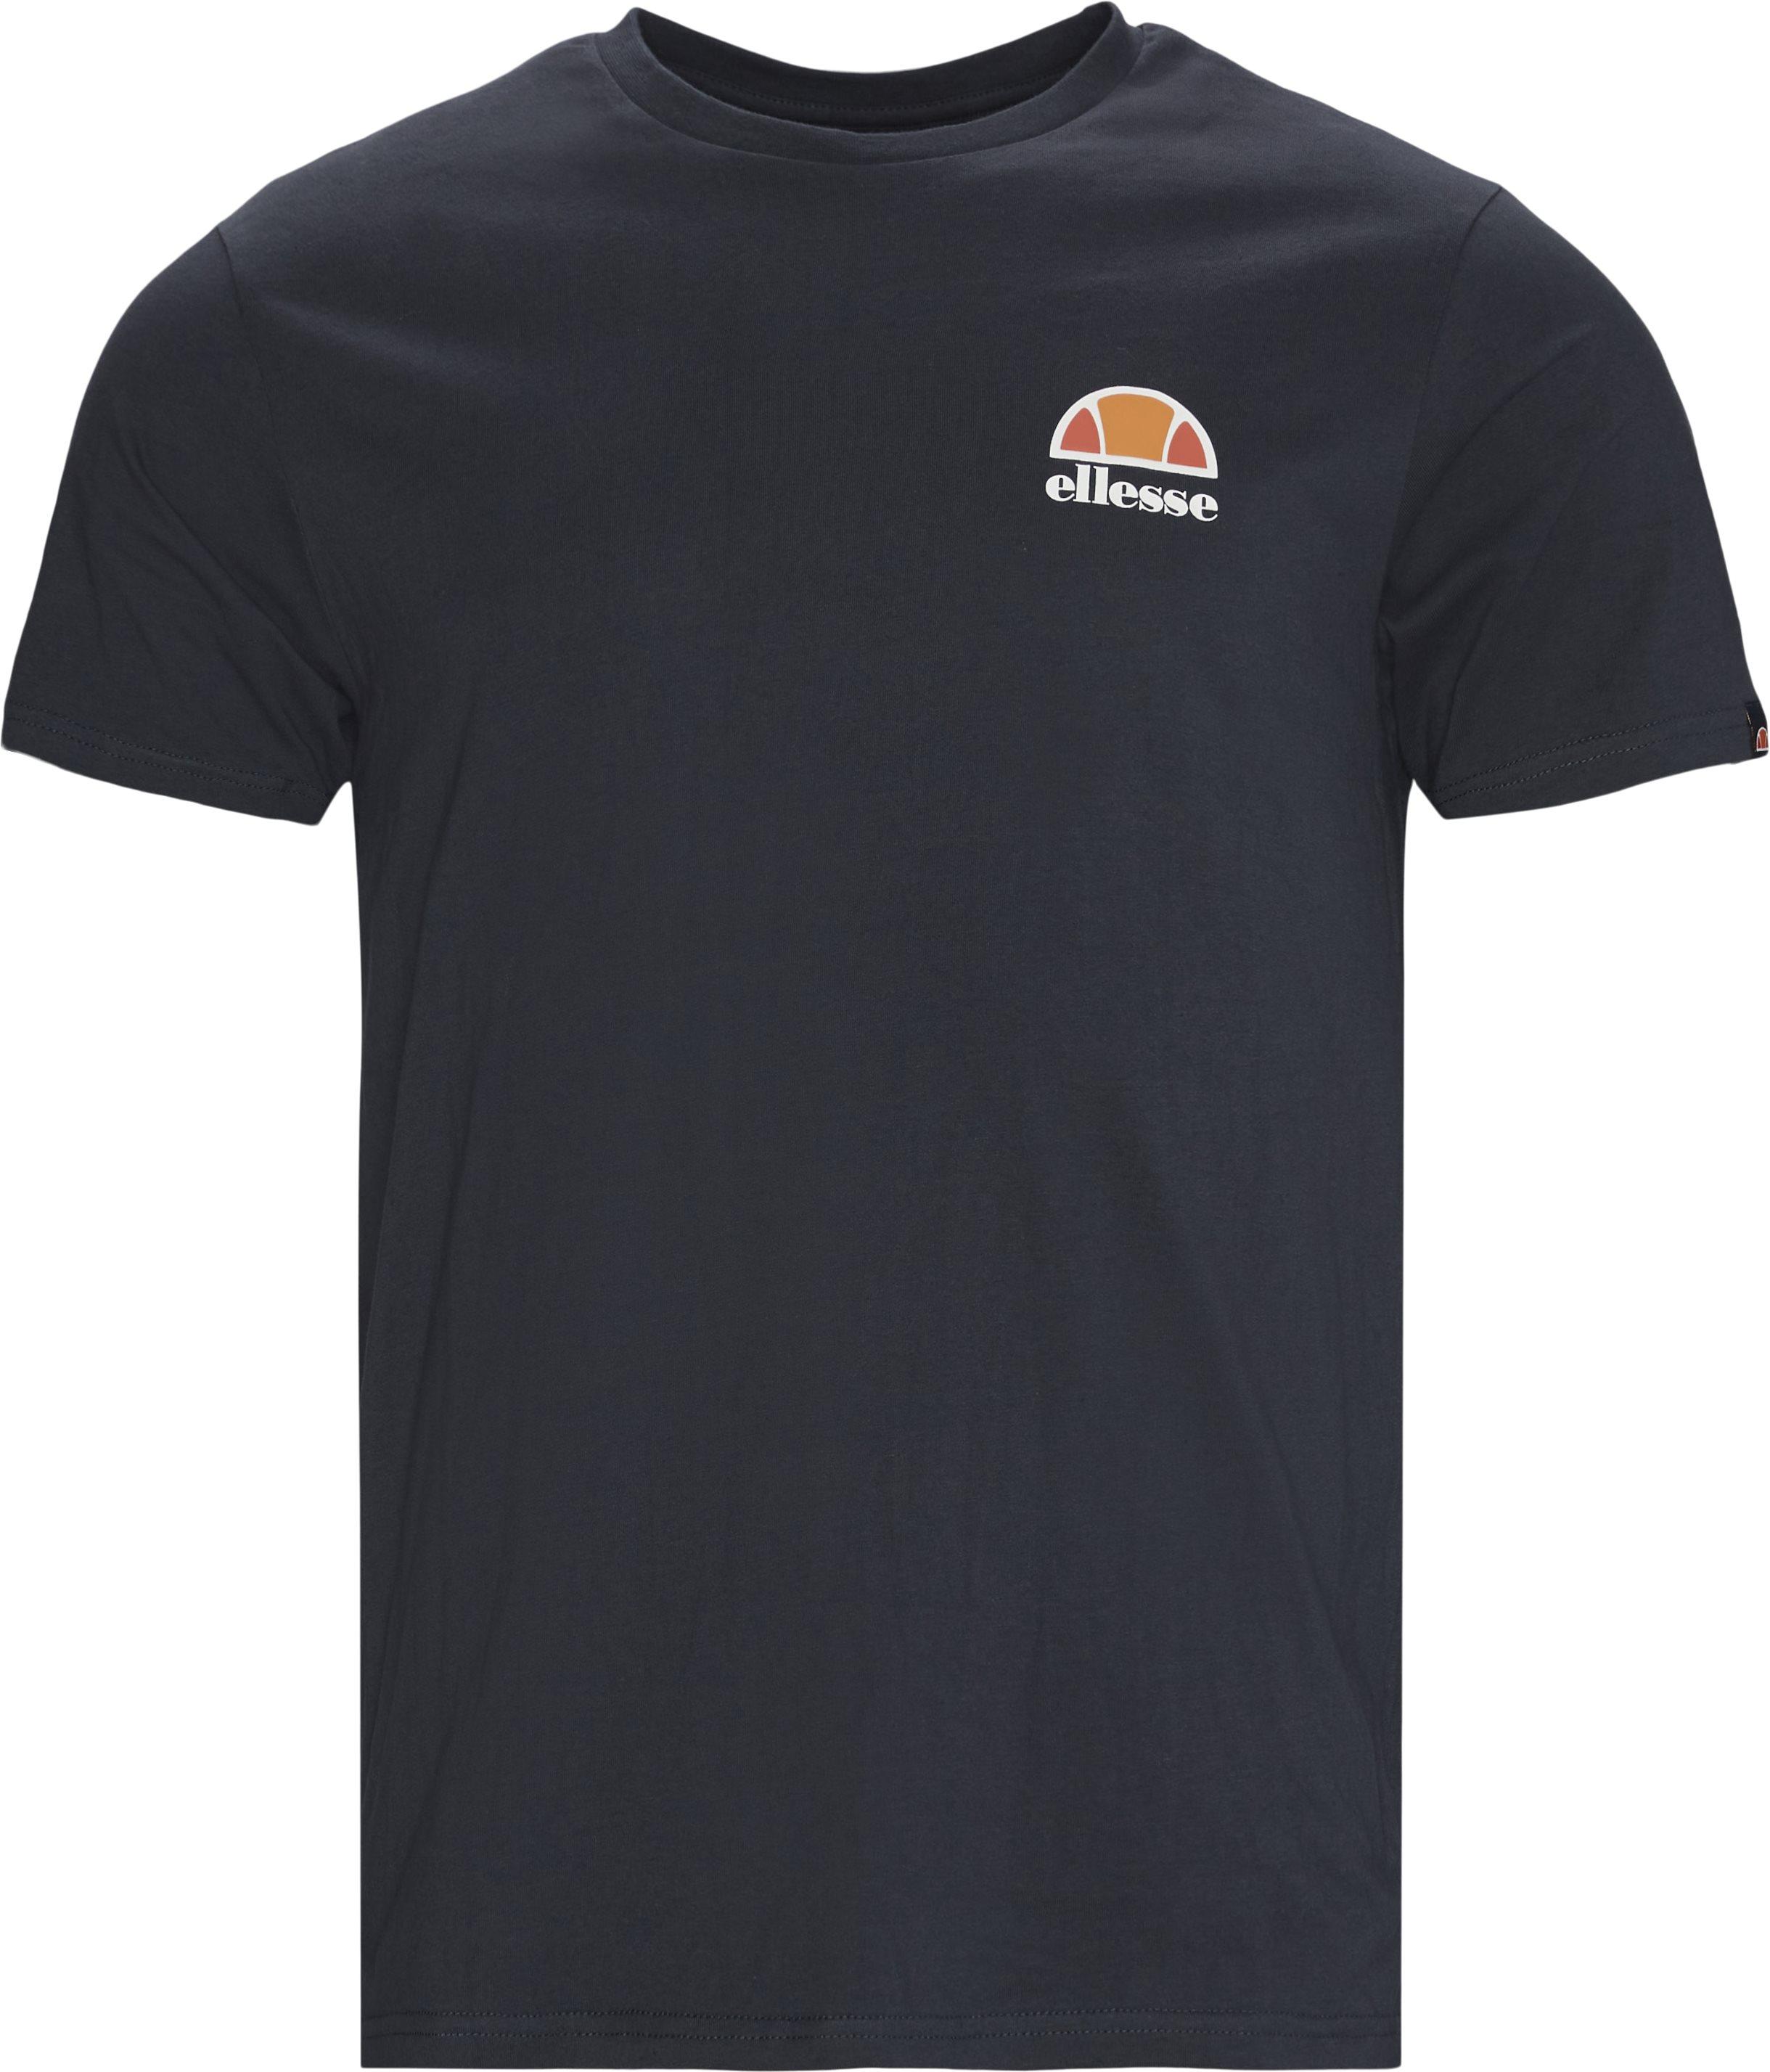 Canaletto T-shirt - T-shirts - Regular - Blå